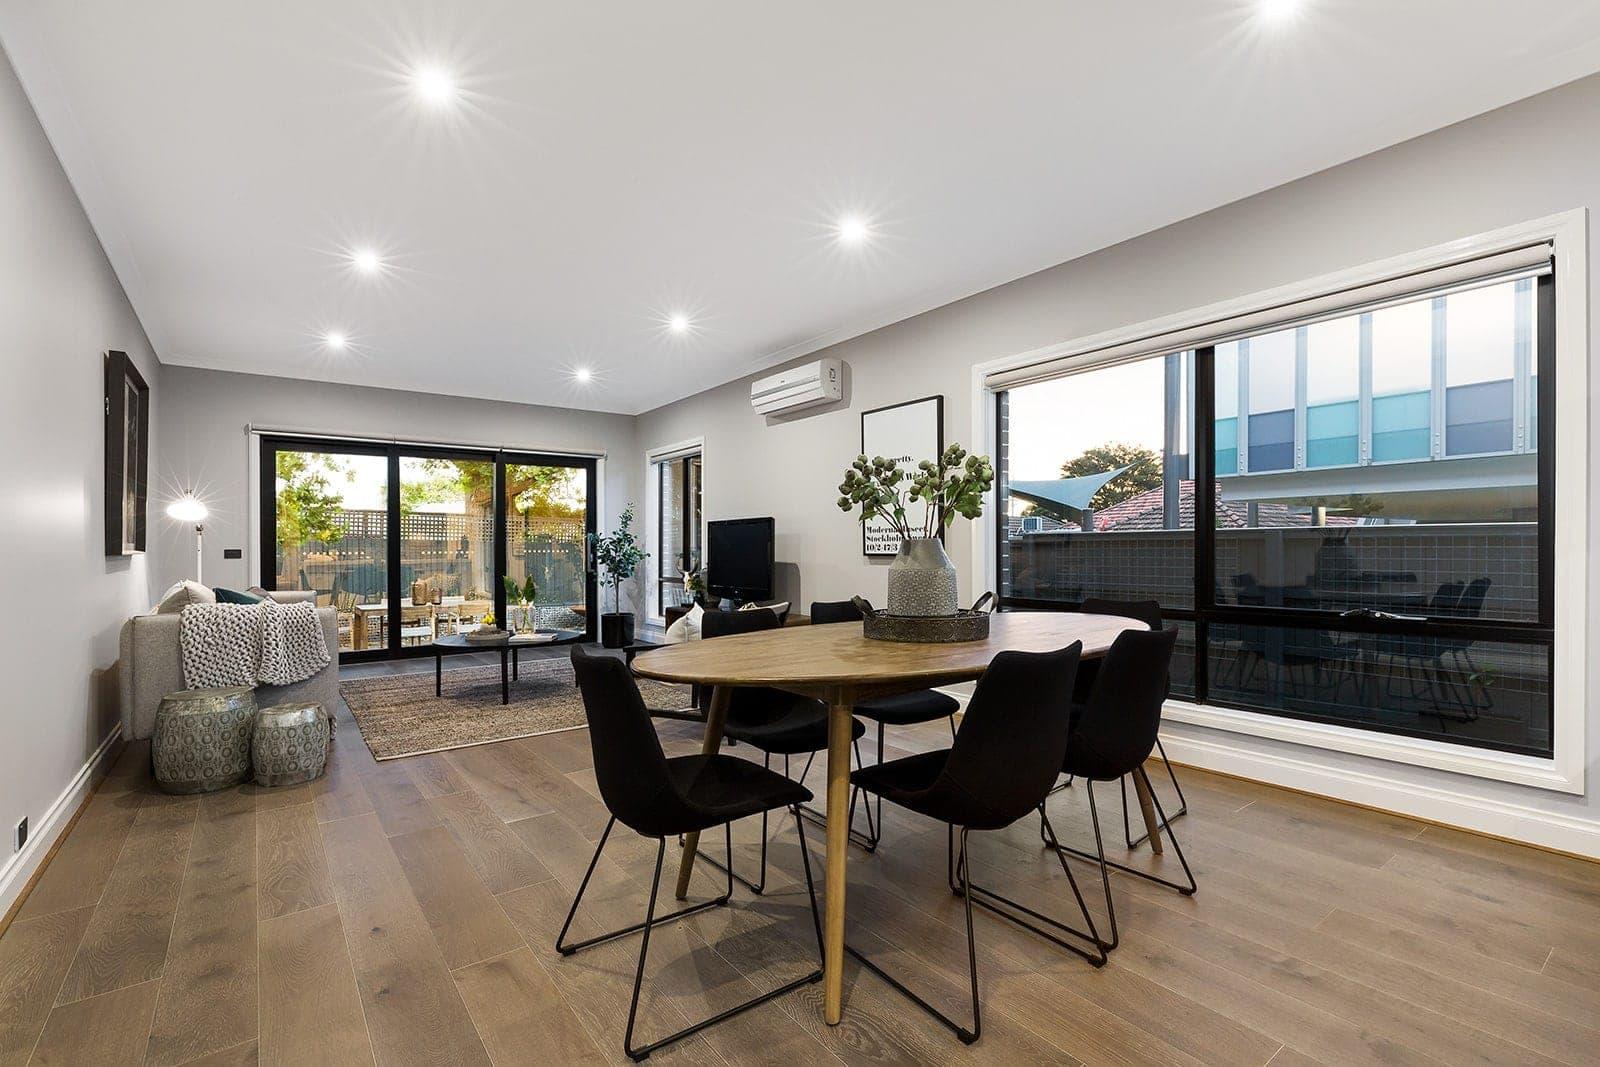 duplex home living room with dark floorboards